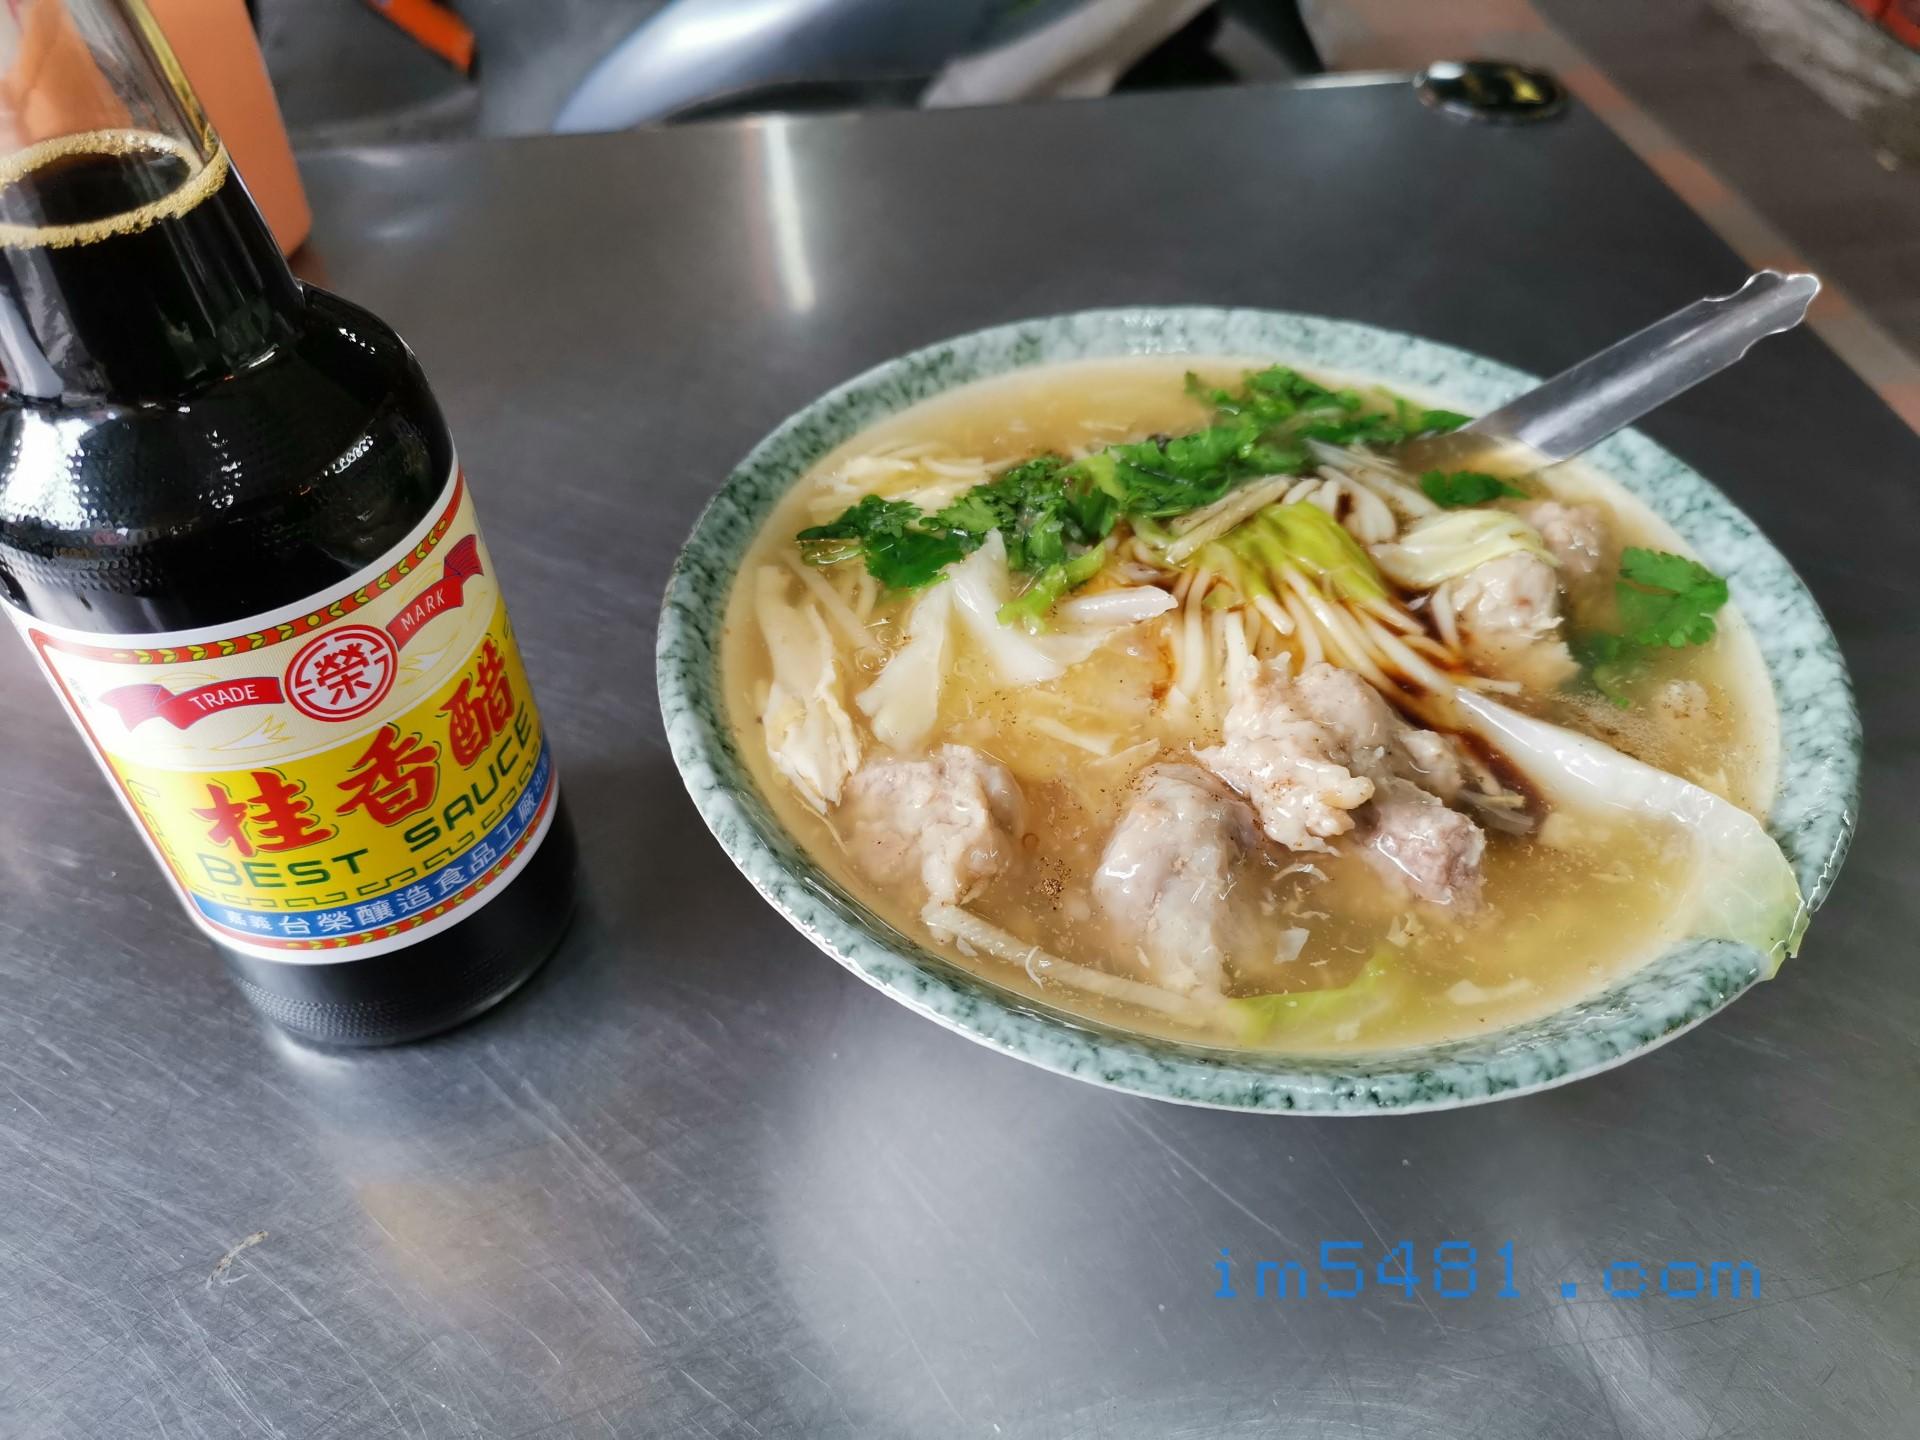 早餐 景新肉羹麵搭配台榮桂香醋,這醋好香啊! 我吃完麵之後,身上會有一股很香的醋味。